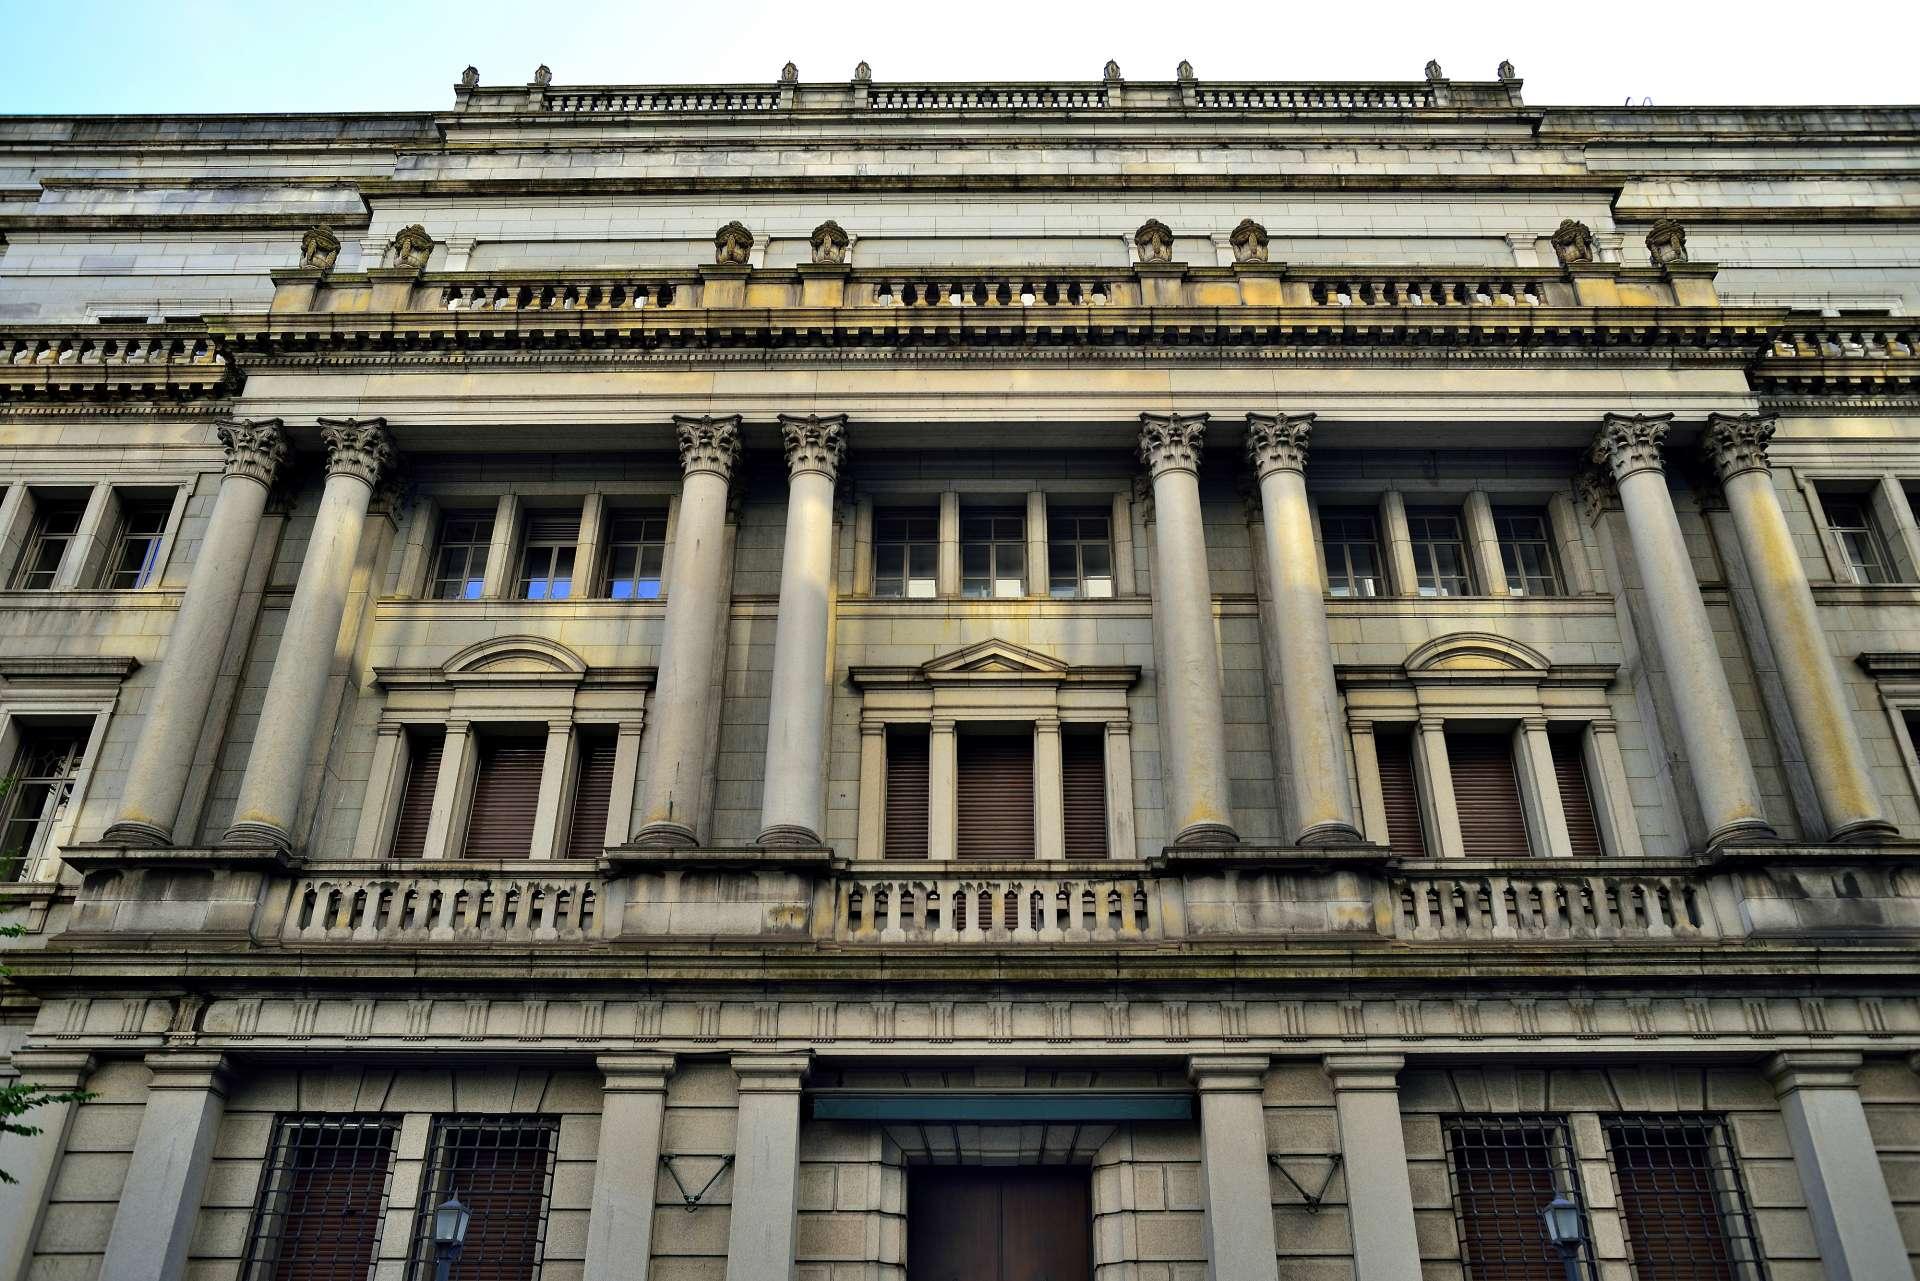 日本首座西式的石砌砖楼建筑